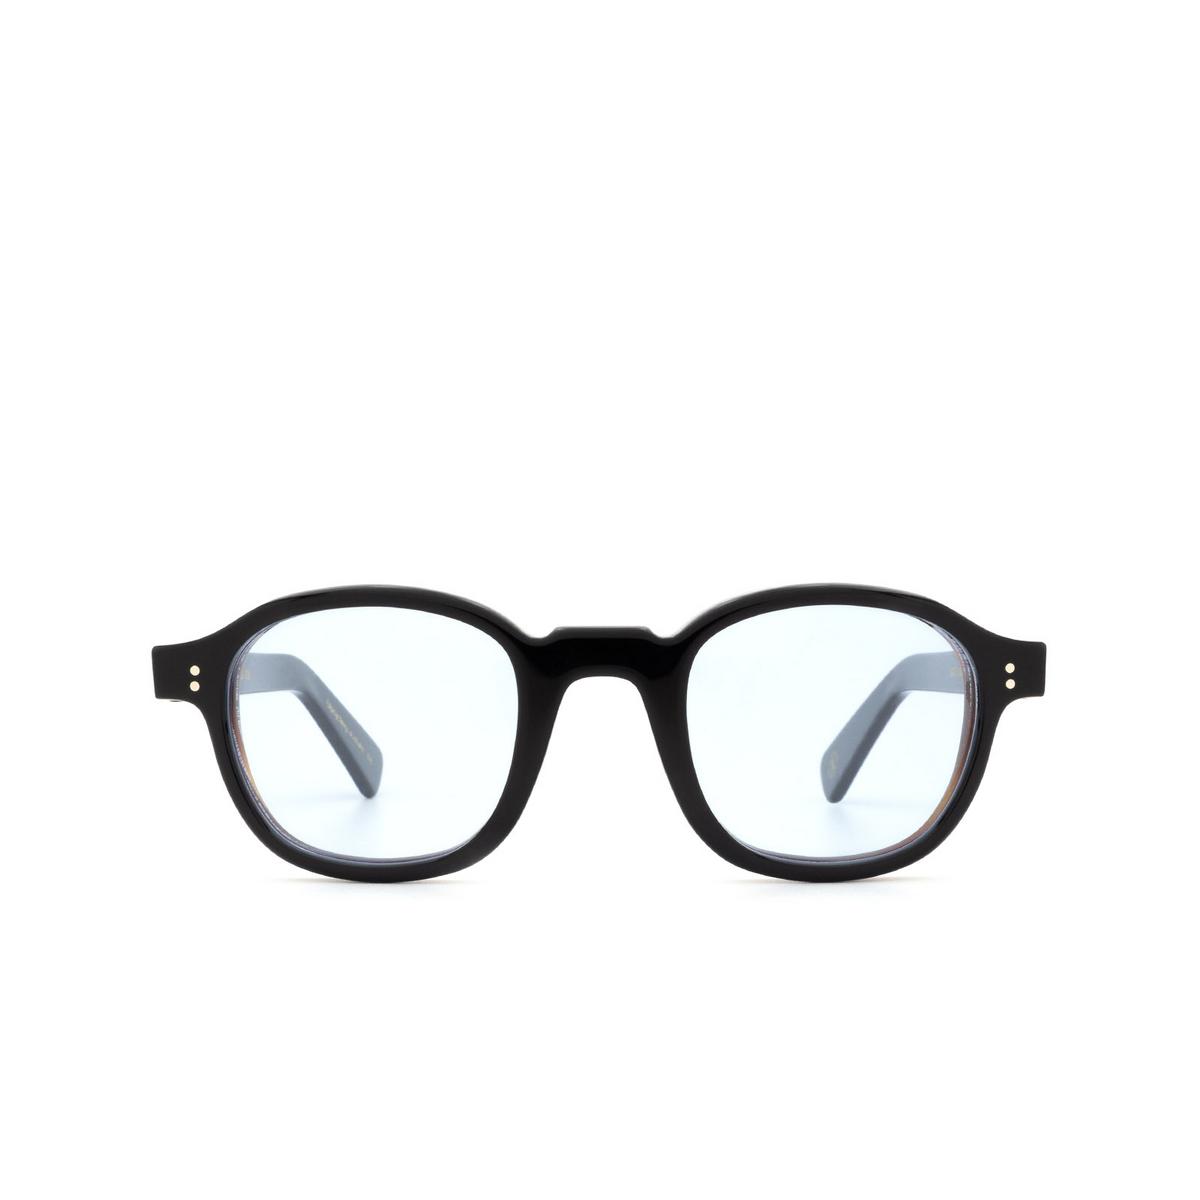 Lesca® Square Sunglasses: BRUT PANTO 8MM color Black 13 - front view.